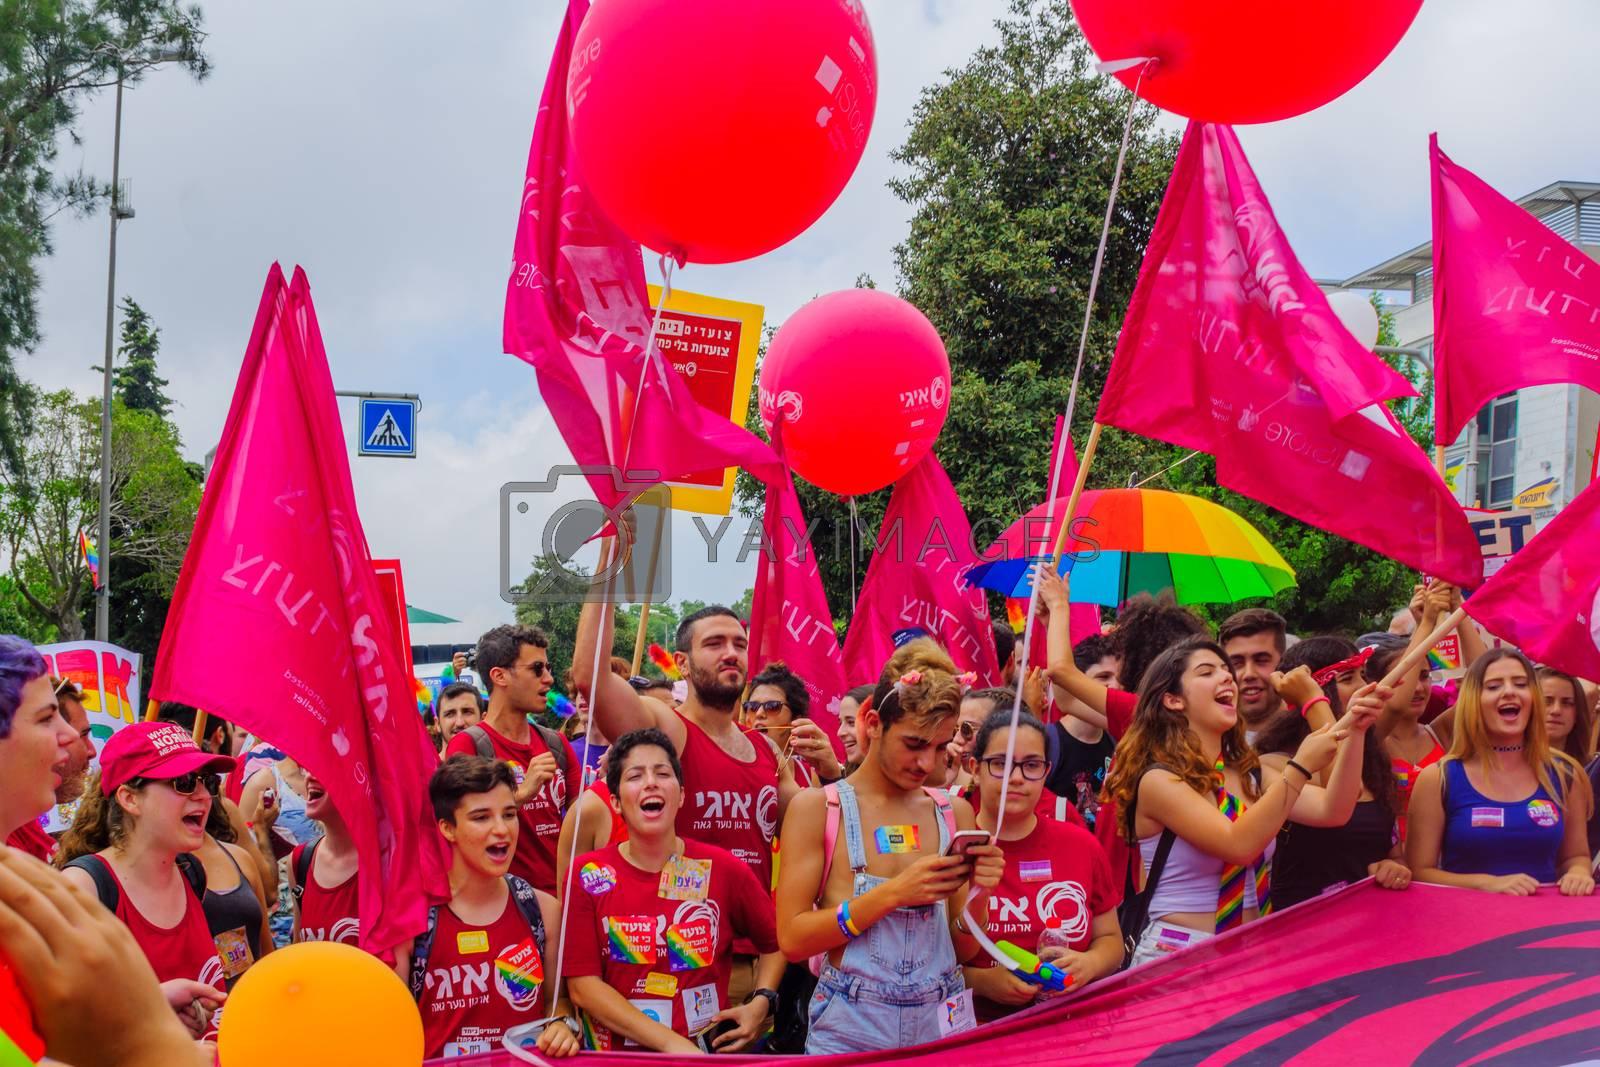 Royalty free image of Haifa 11th pride parade, 2017 by RnDmS